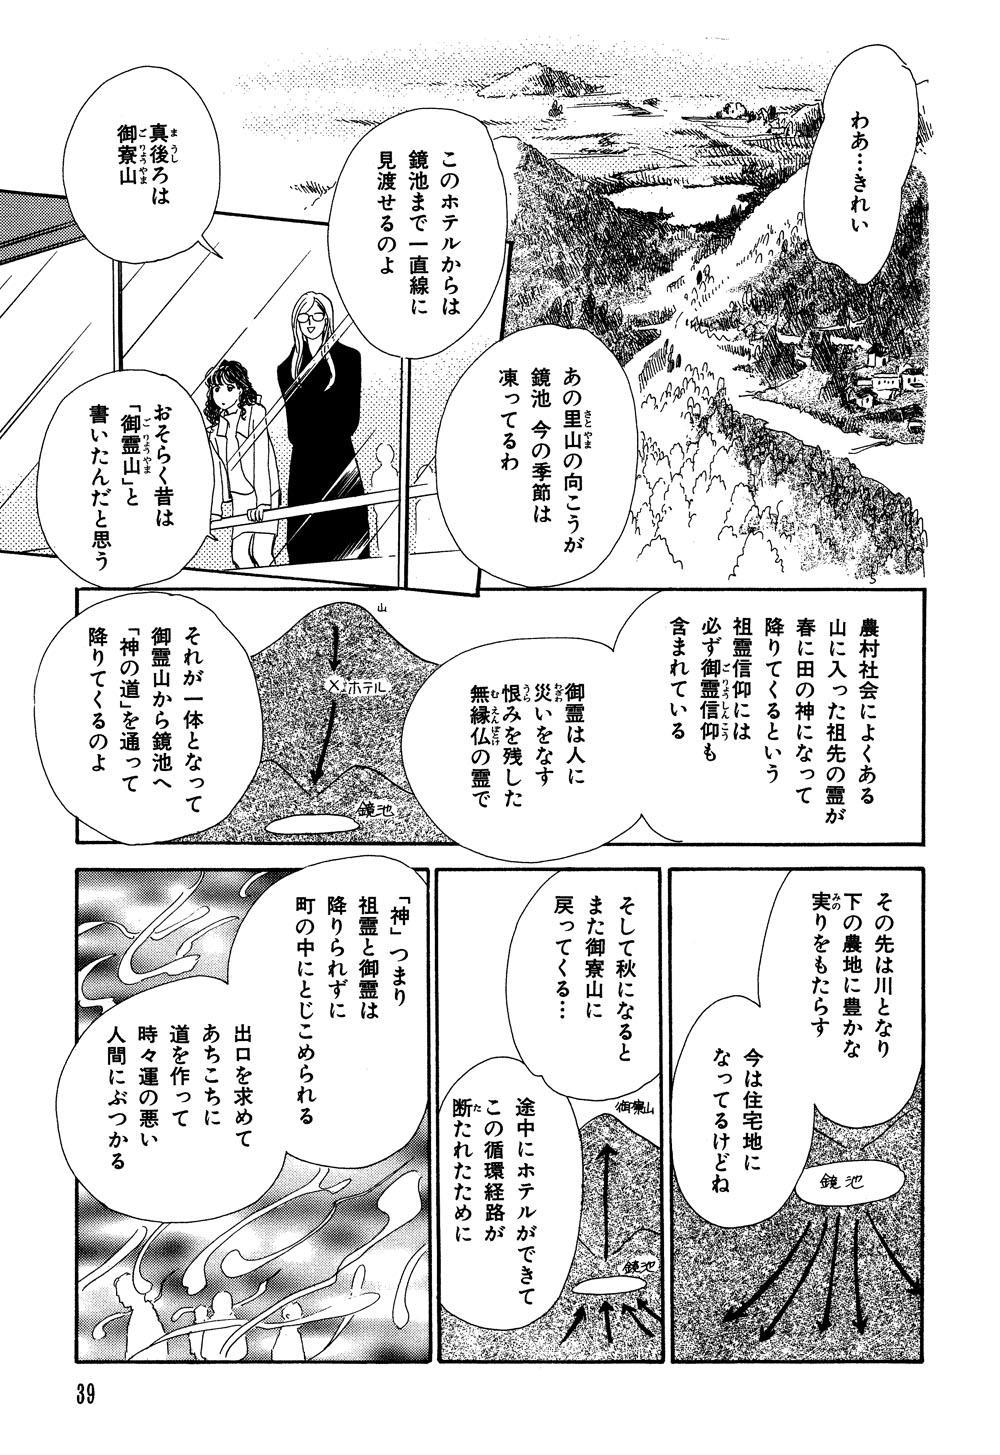 百鬼夜行抄_07_0043.jpg